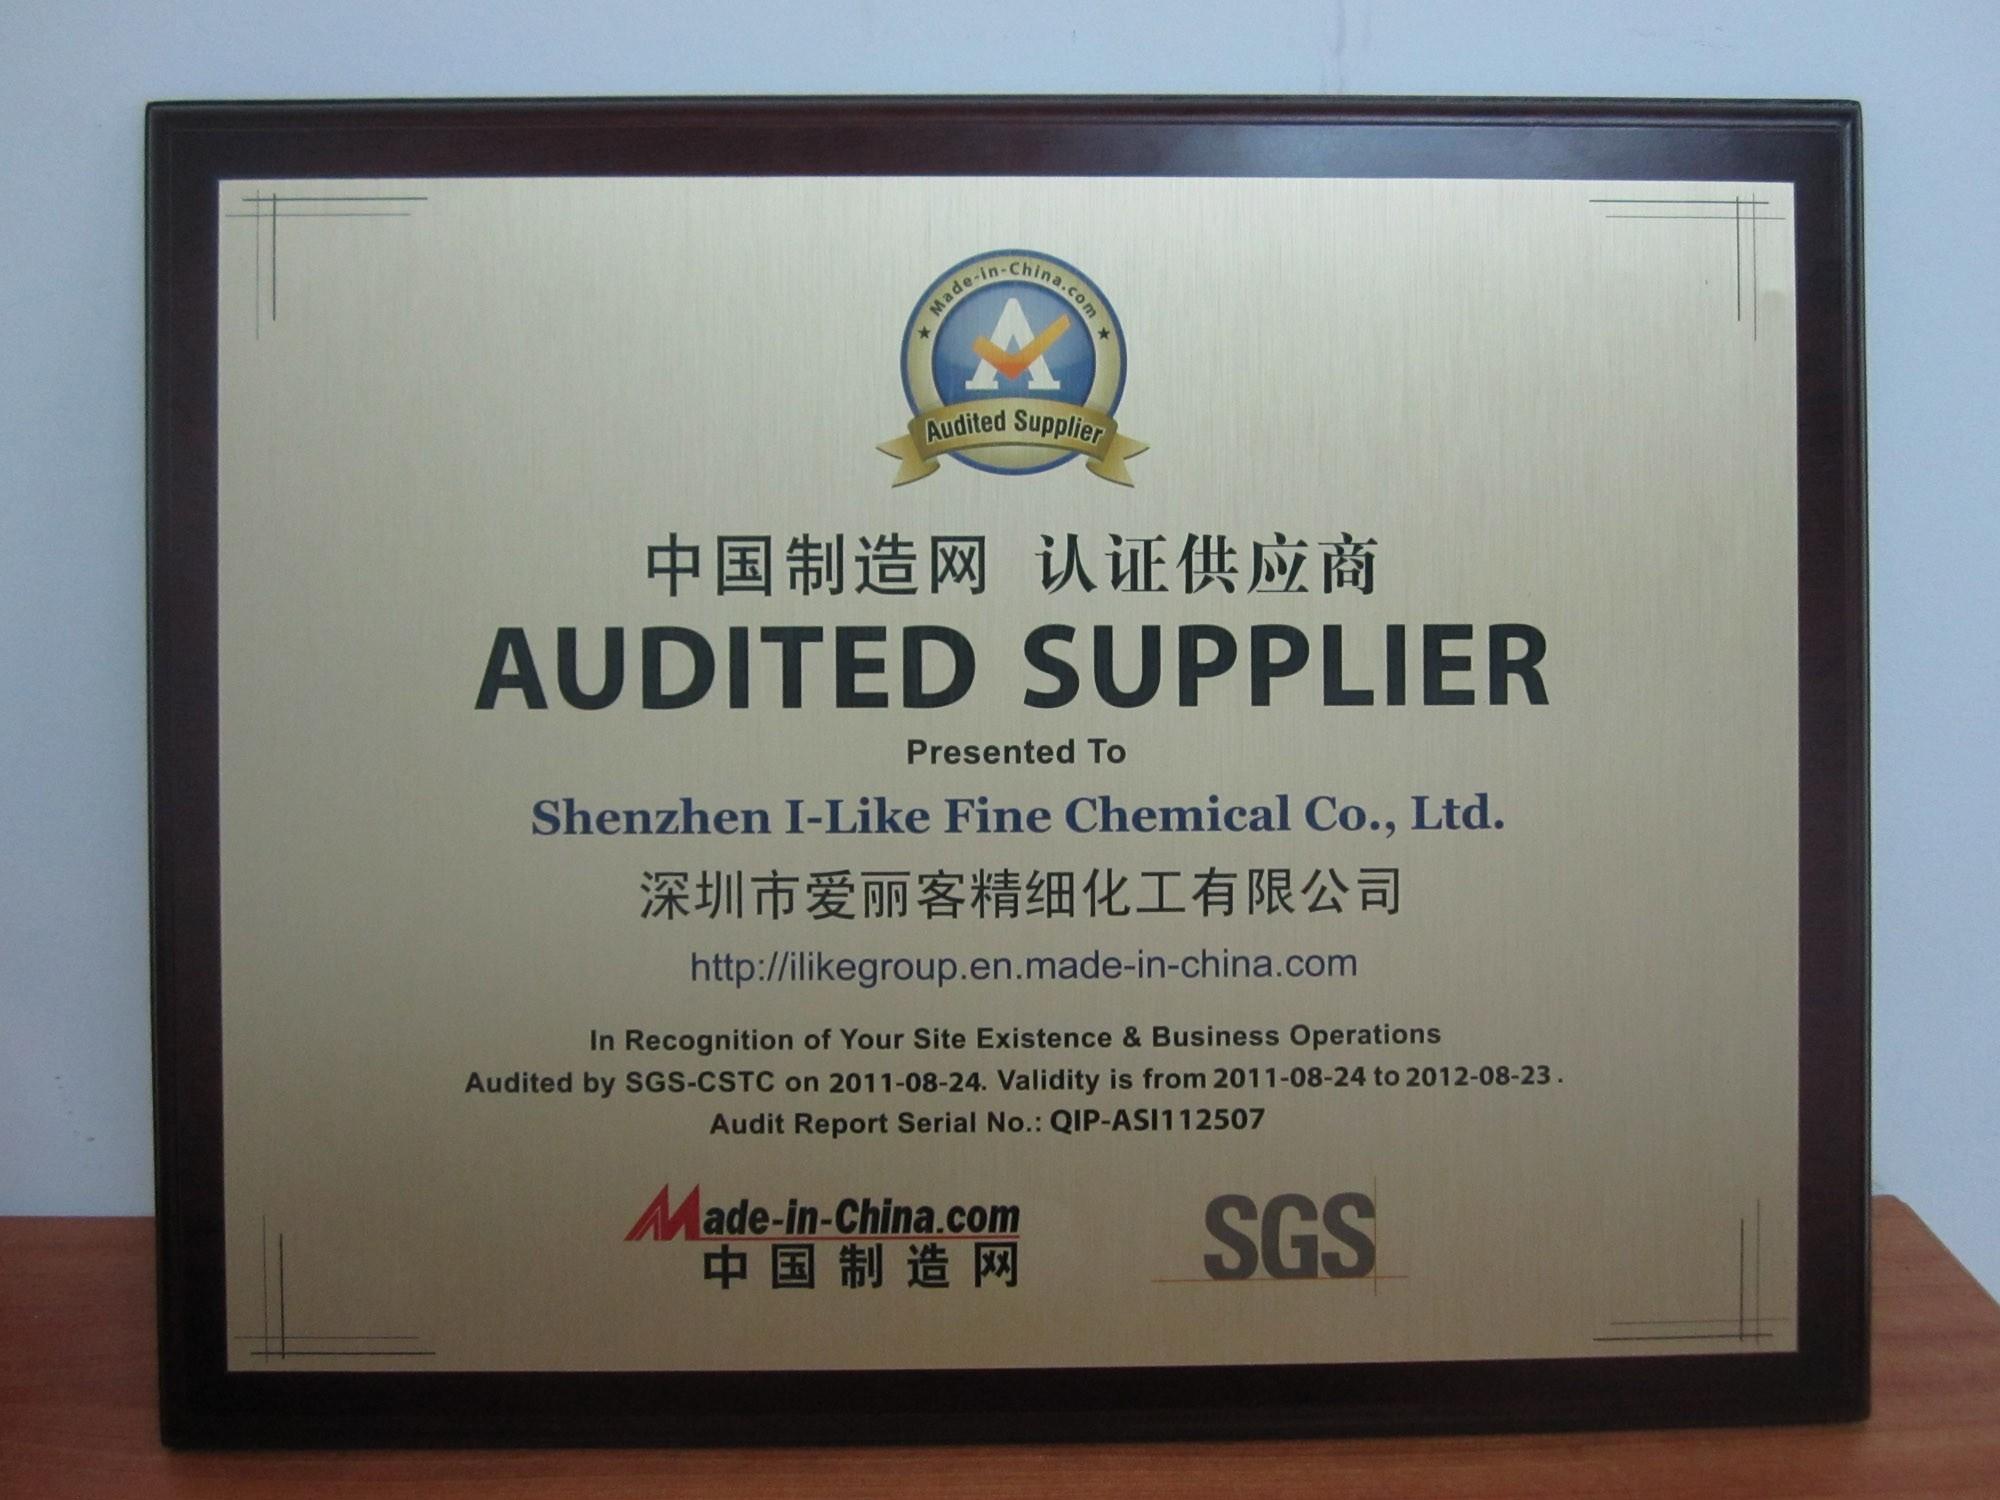 中国制造网委托SDS现场勘查我司并出具证书和报告